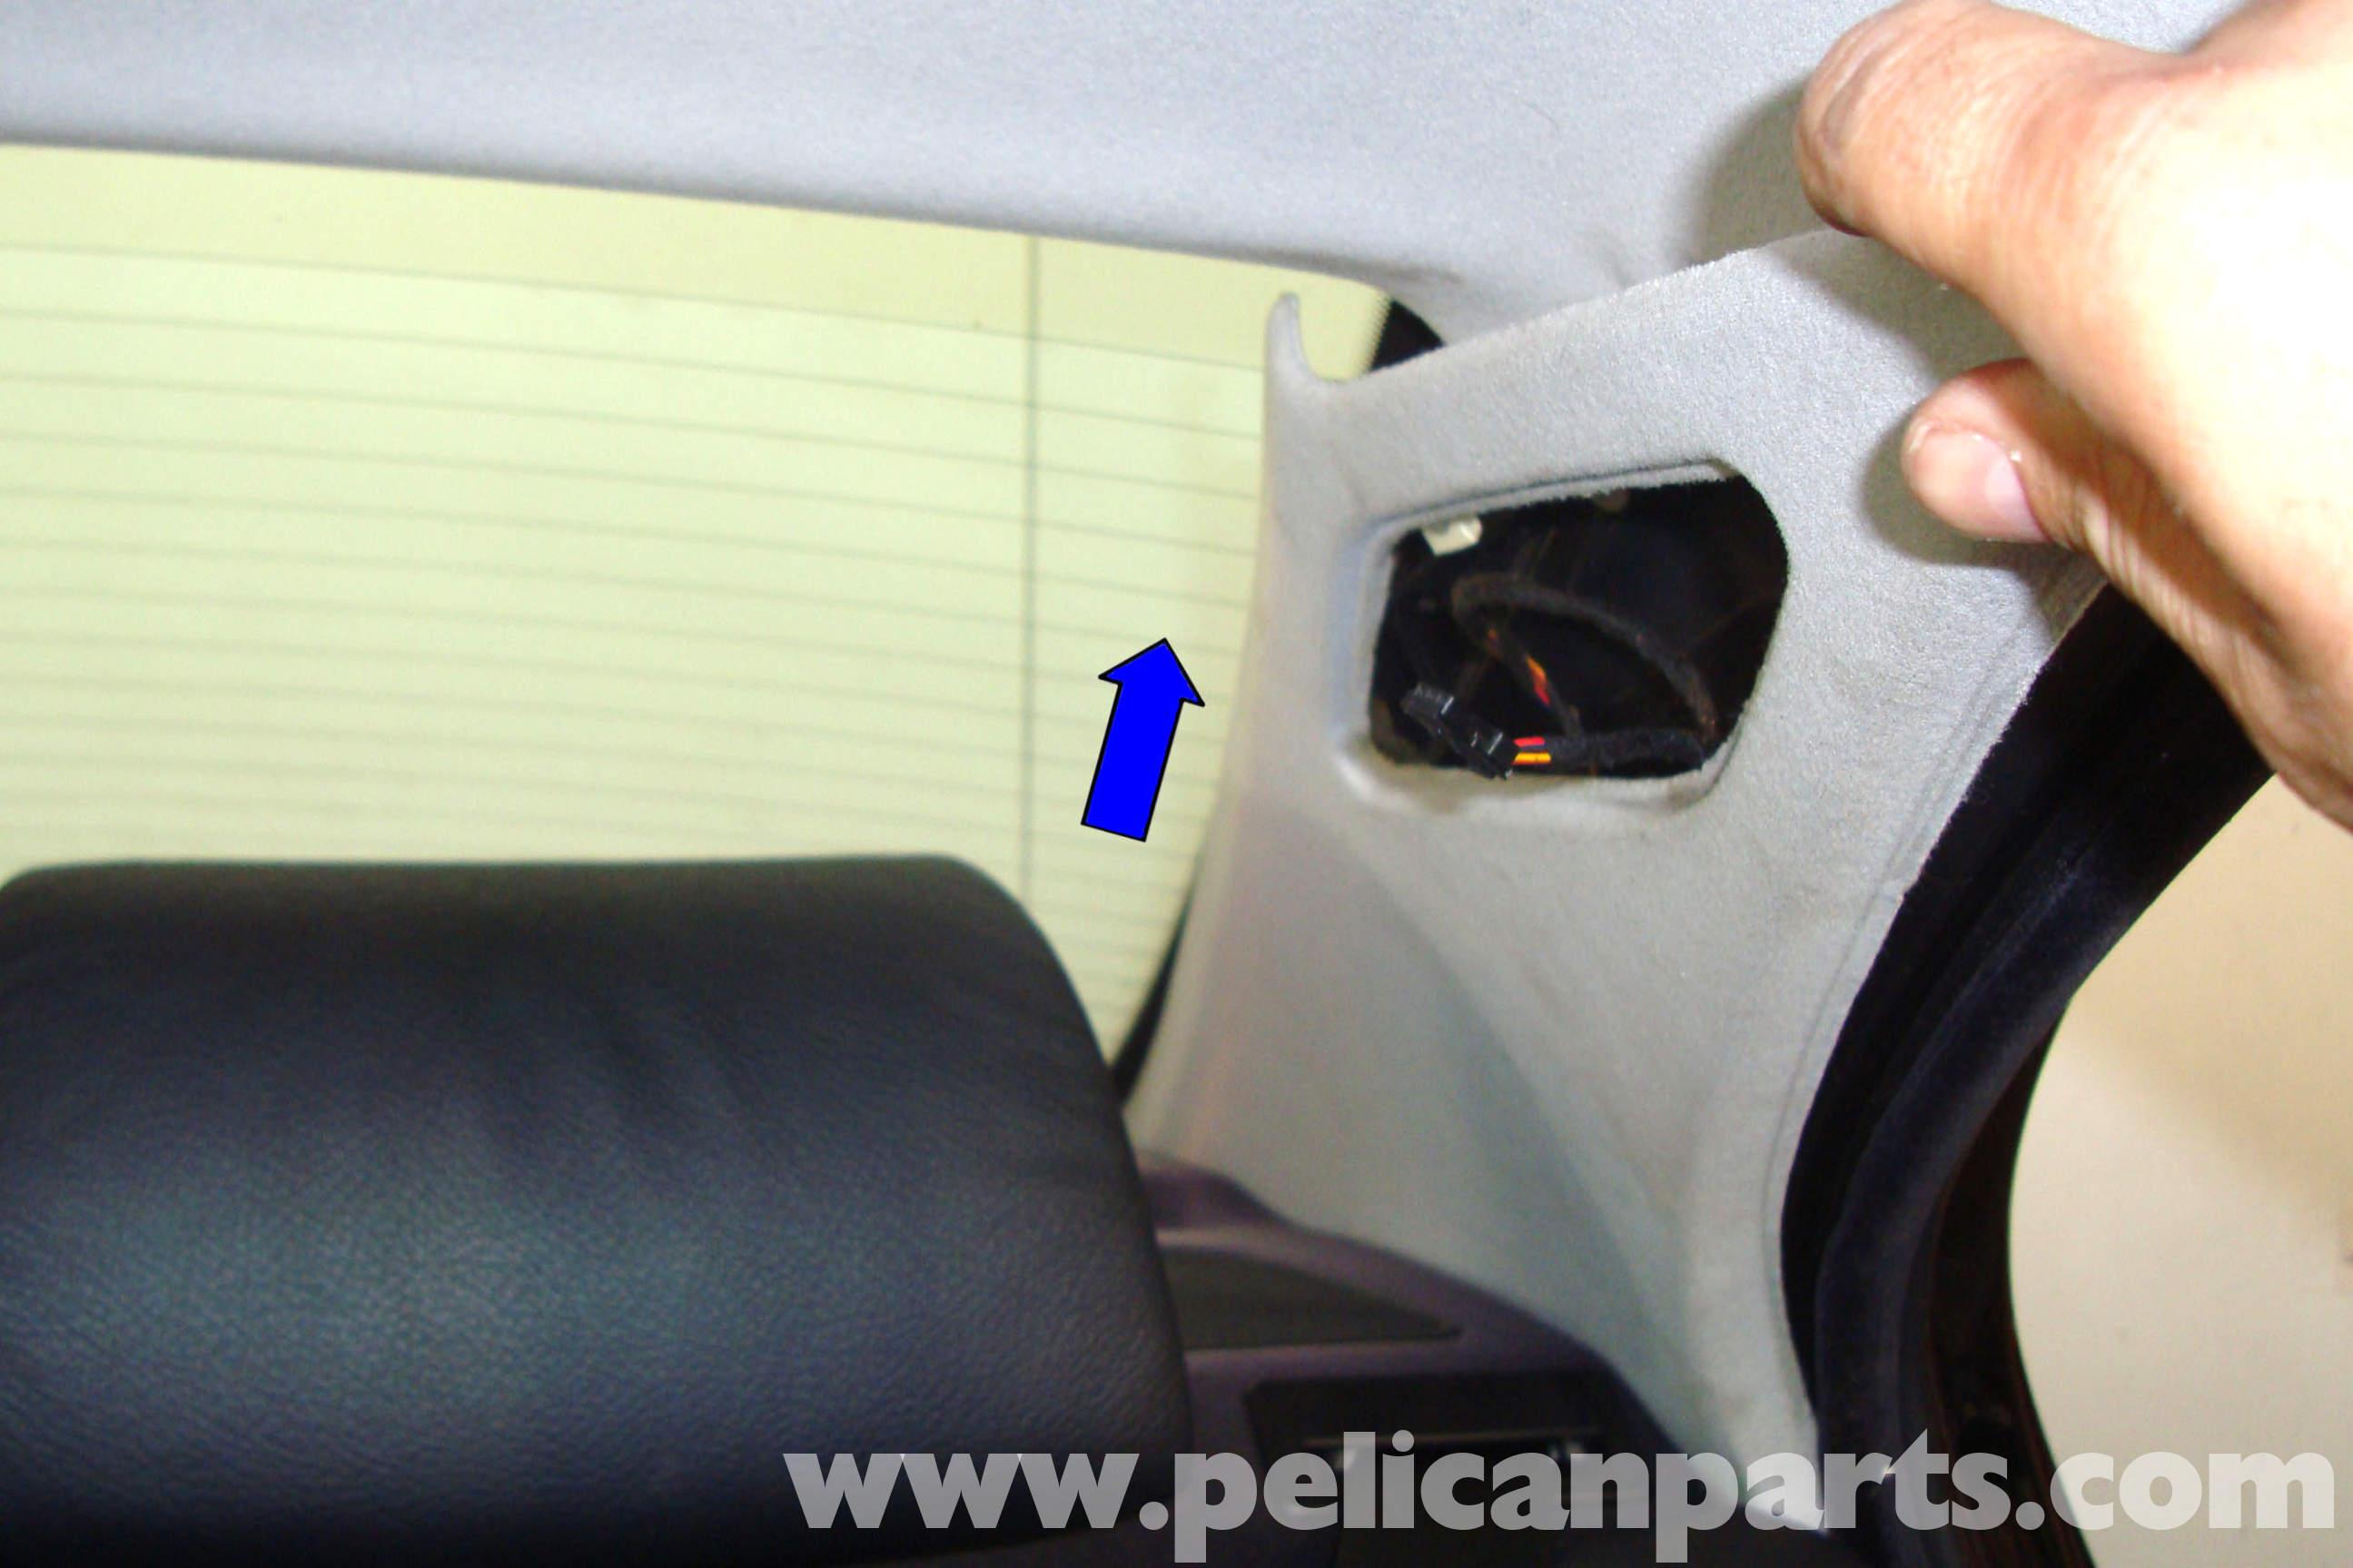 e39 seat cover removal